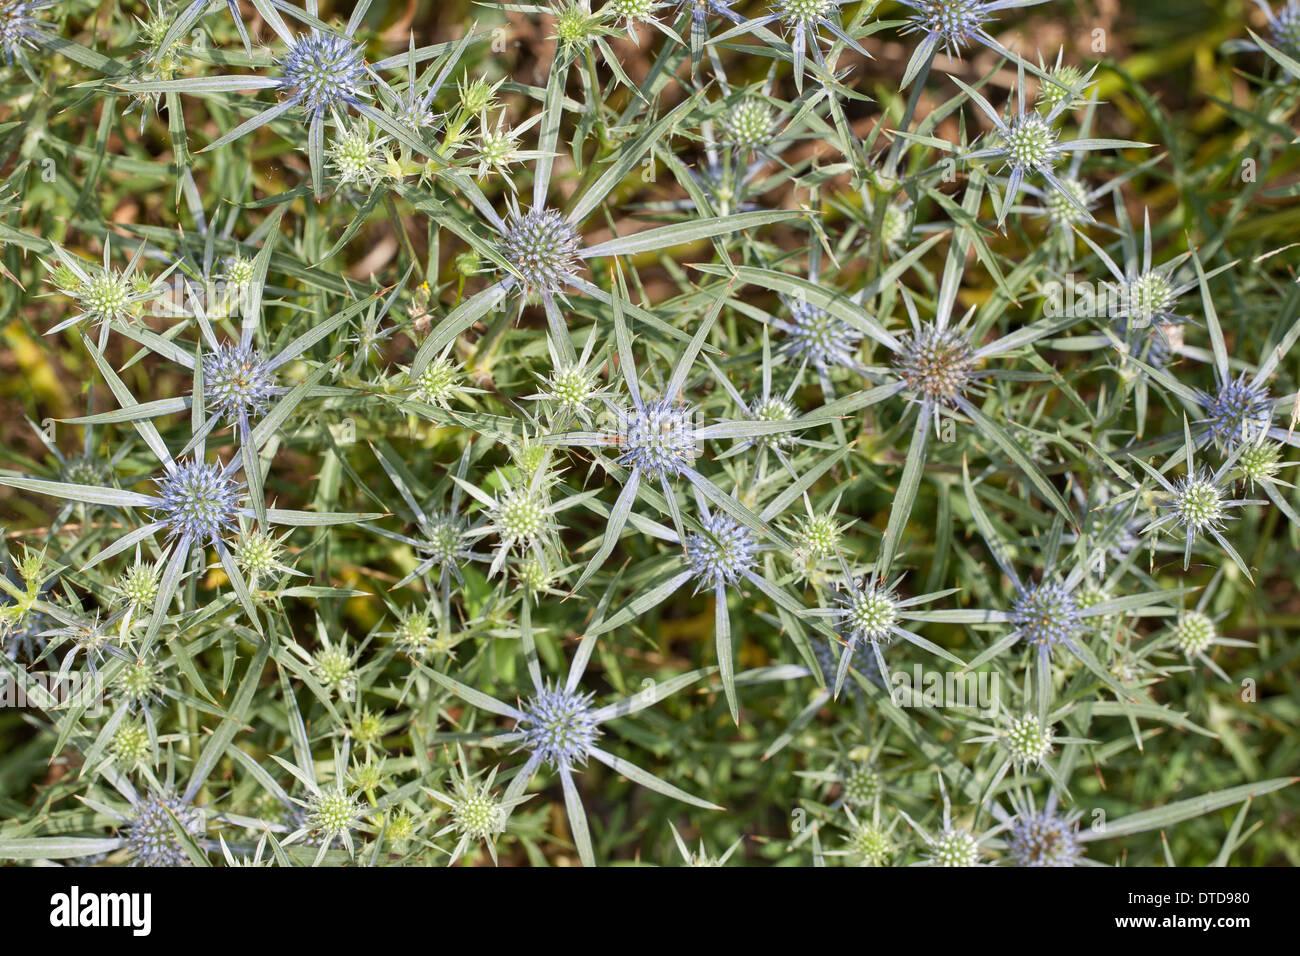 Amethyst sea holly, amethyst eryngium, amethyst eryngo, Amethyst-Mannstreu, Balkan-Edeldistel, Mannstreu, Eryngium amethystinum - Stock Image